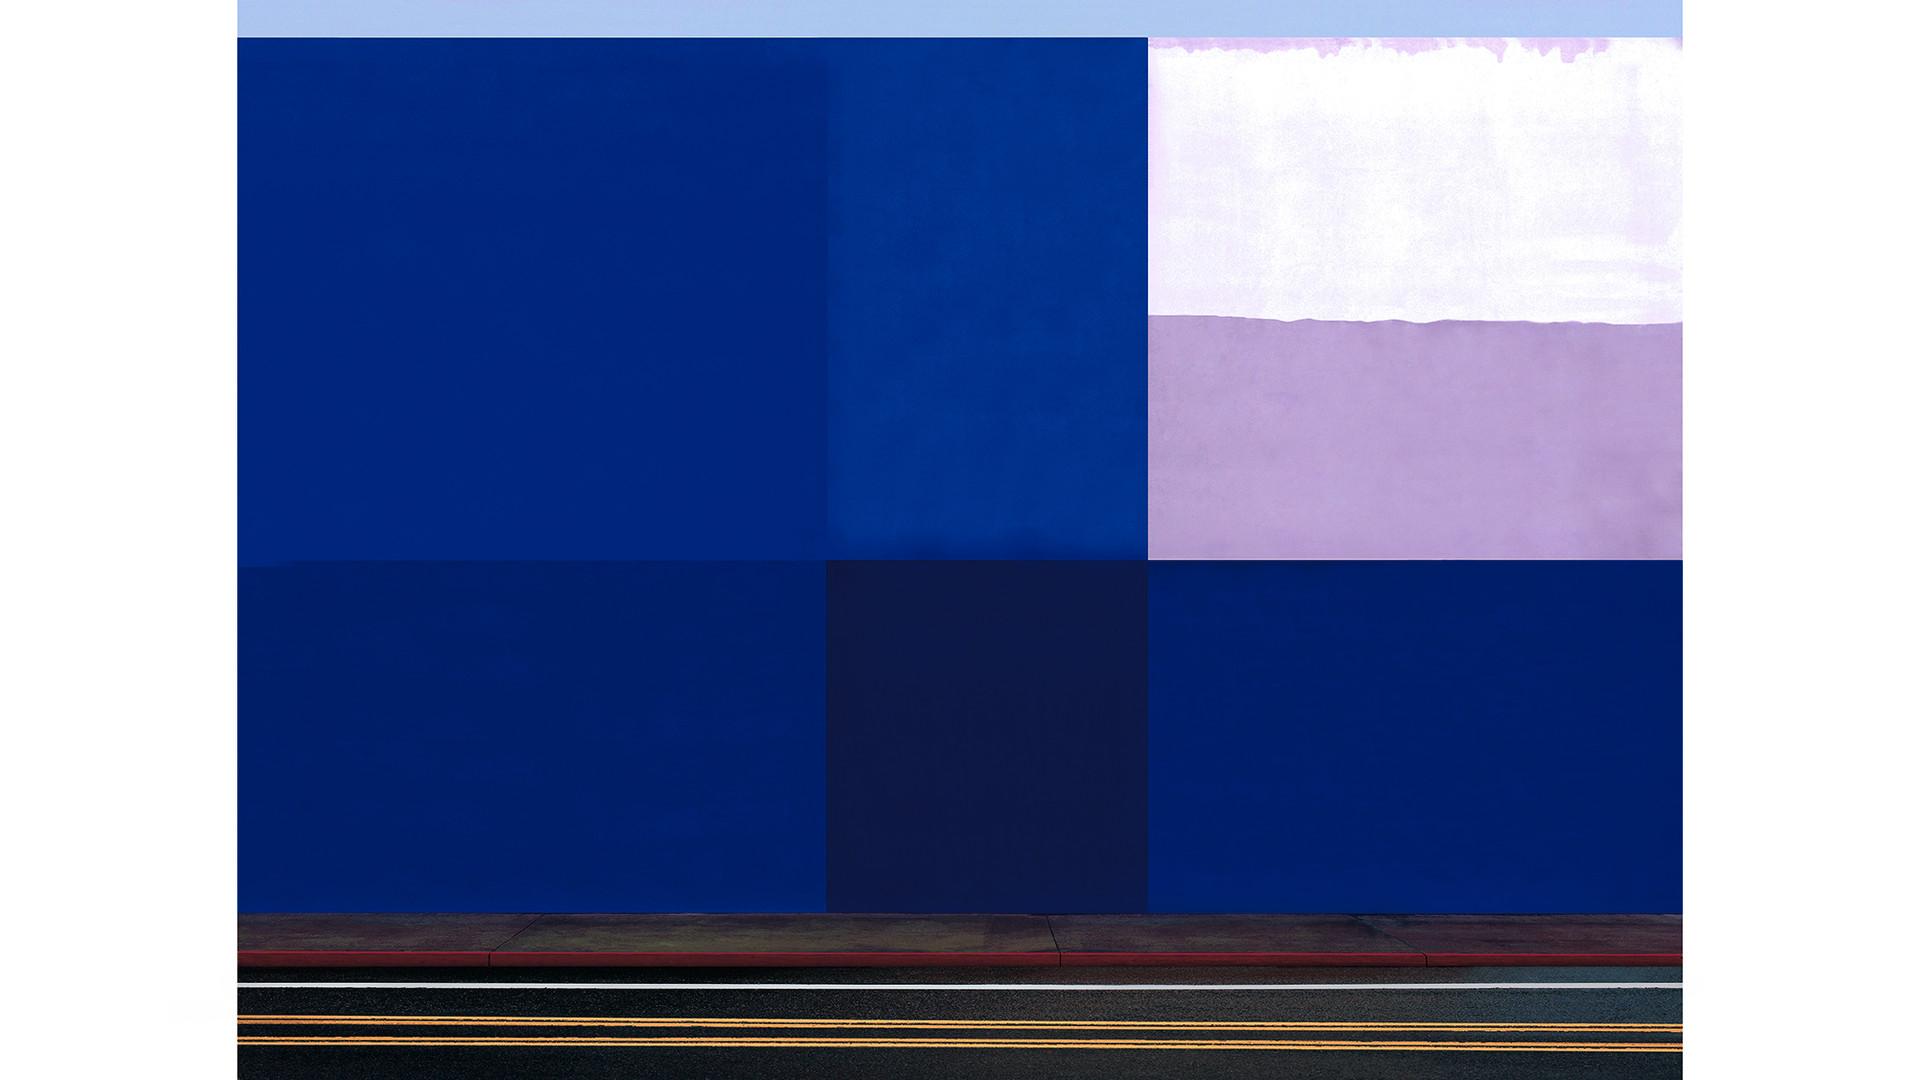 W 1st Street II, 2017 140 x 182 cm, archival pigment print, ed. of 7